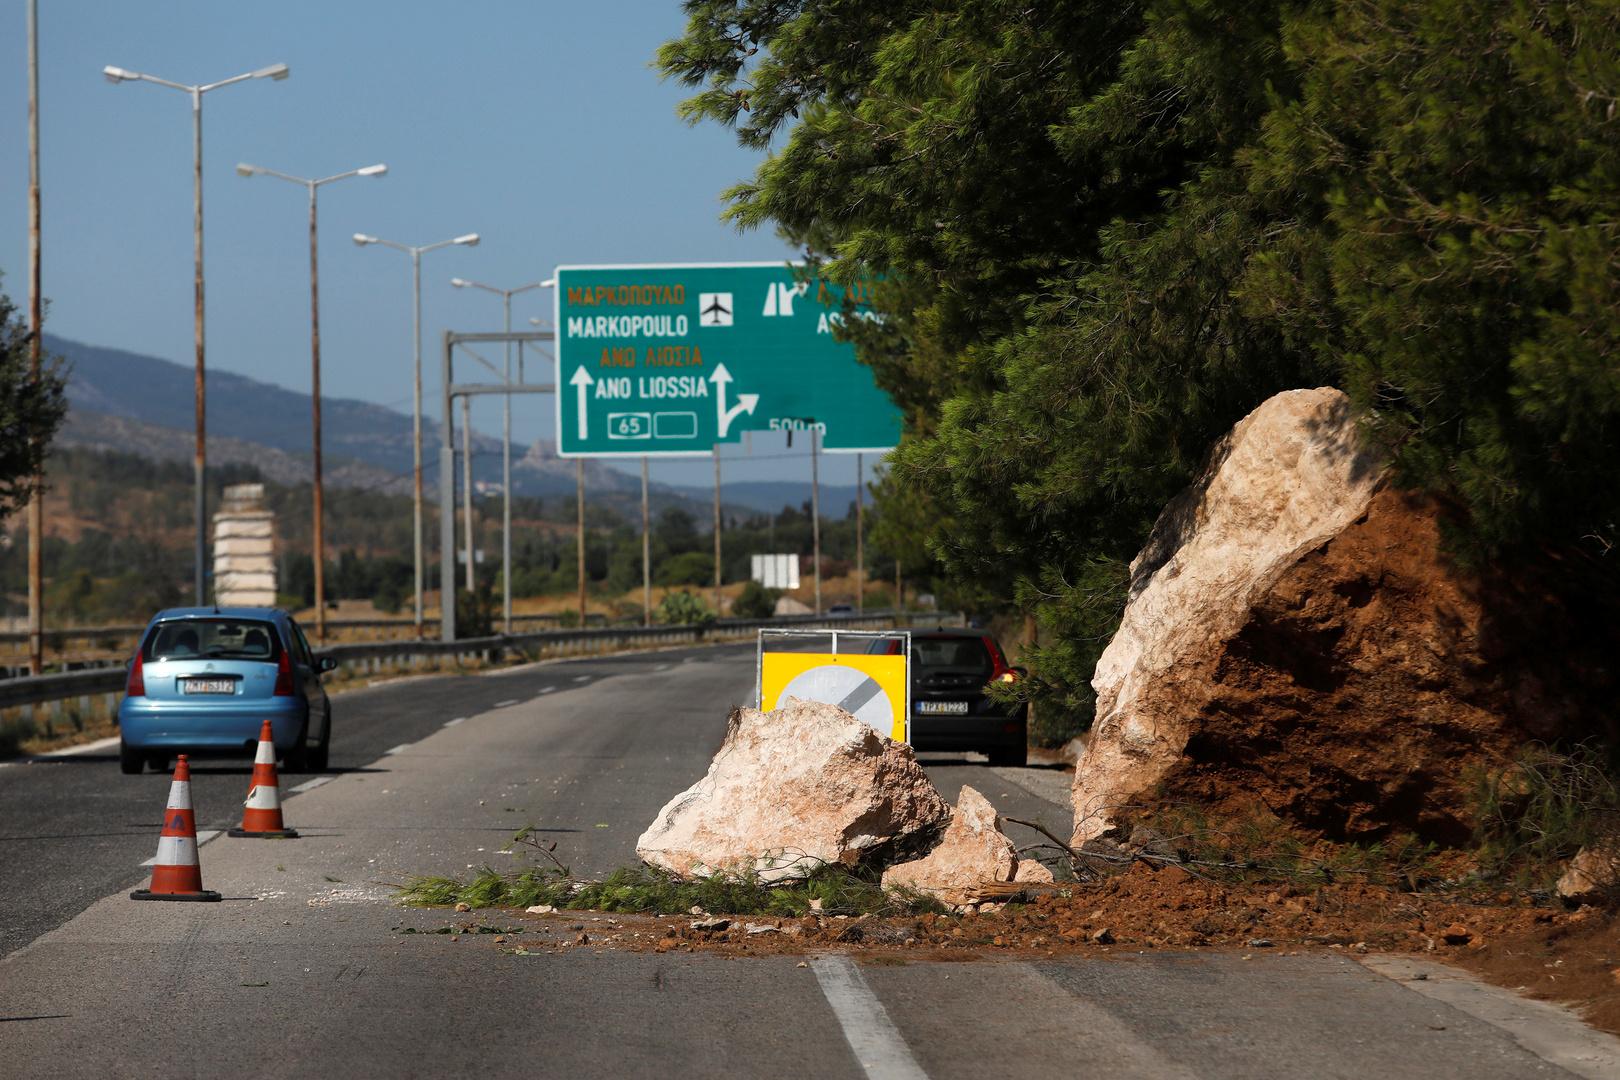 زلزال بقوة 4.8 درجة يضرب جزيرة ليسبوس اليونانية